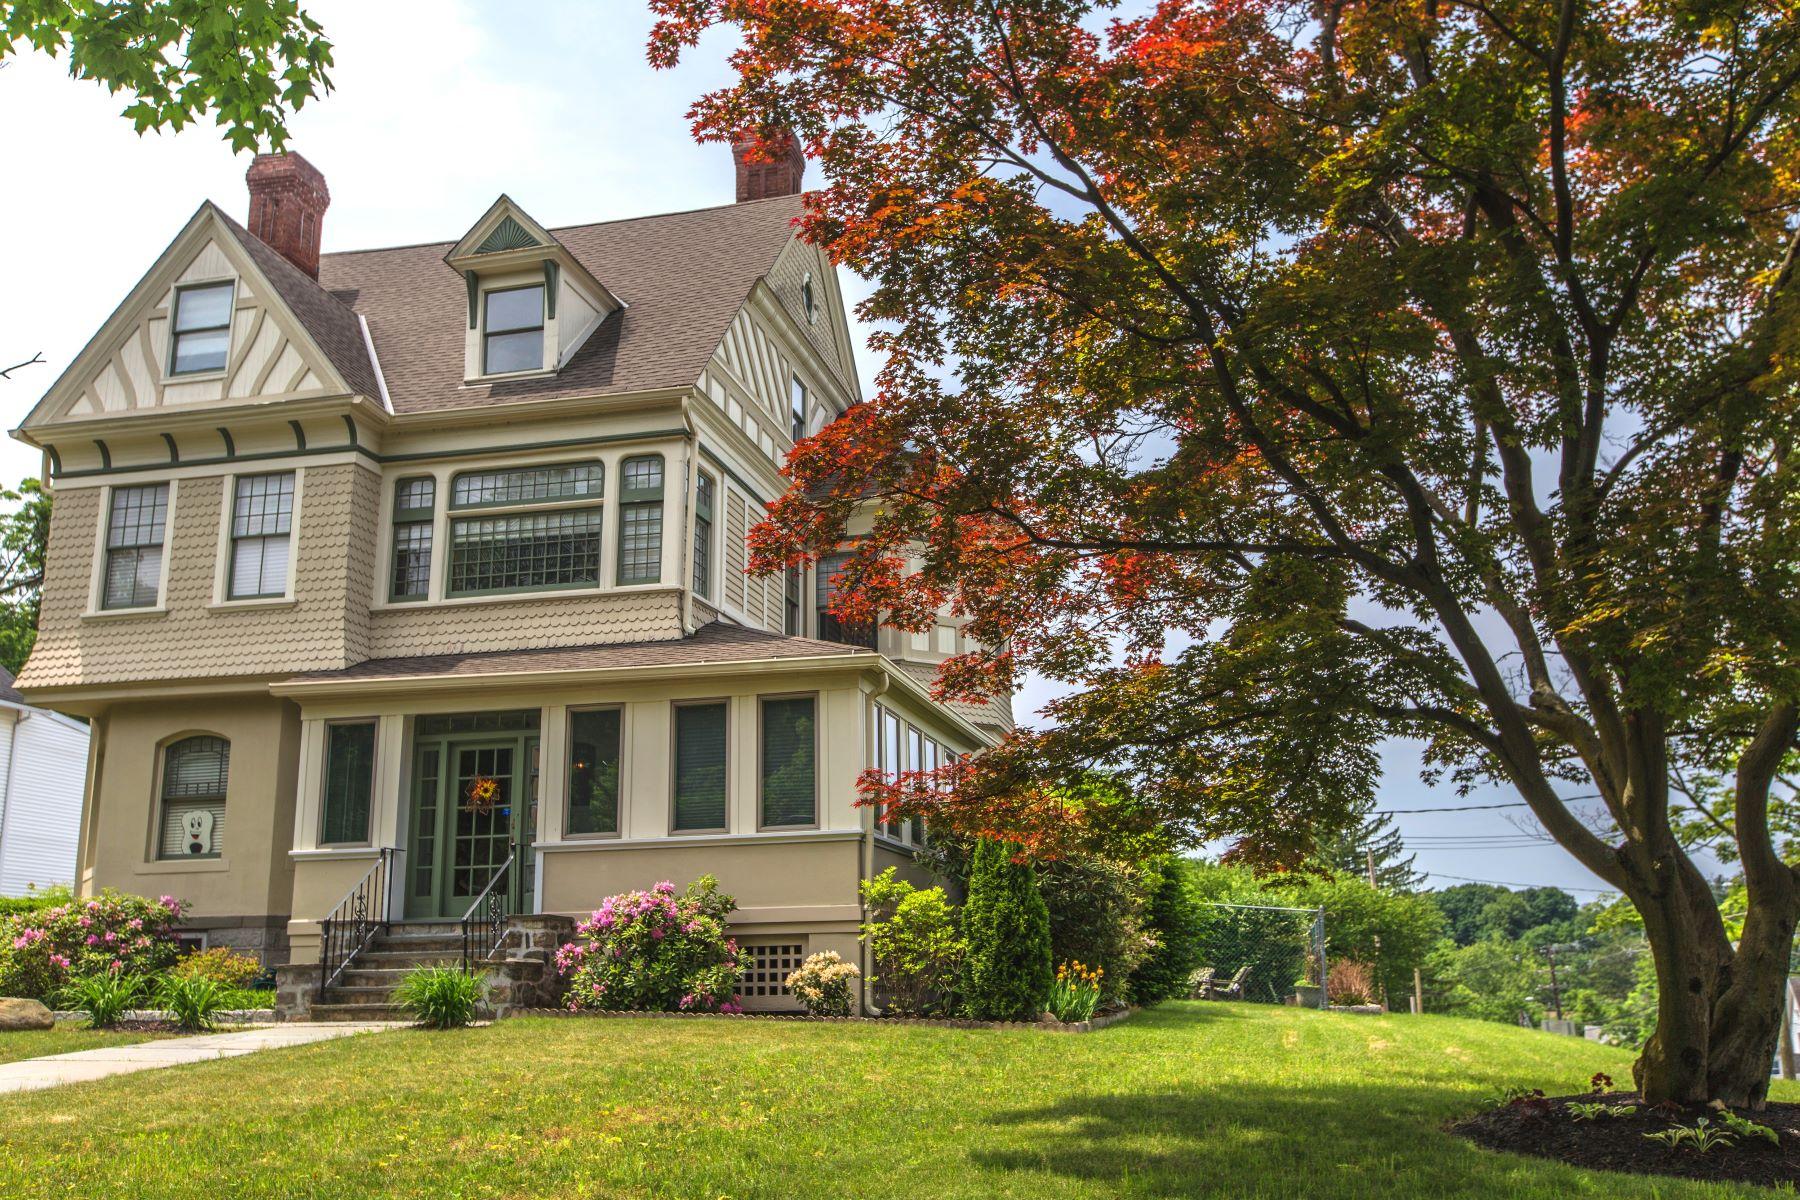 Maison unifamiliale pour l Vente à Vintage Victorian 118 Deer Hill Avenue Danbury, Connecticut 06810 États-Unis